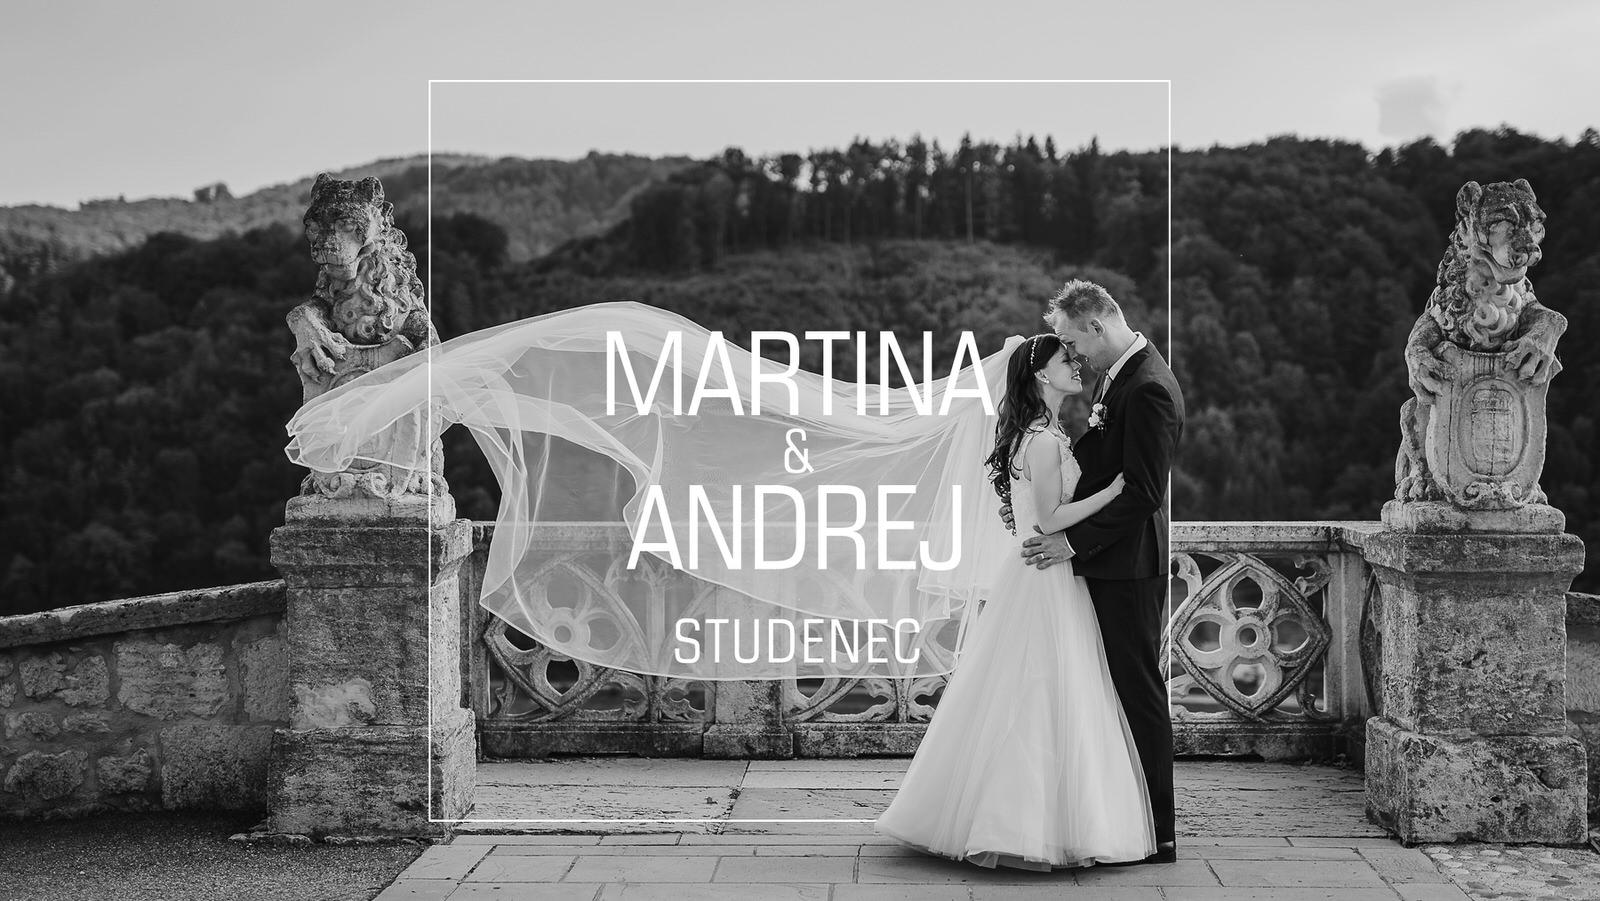 Martina in Andrej.jpg